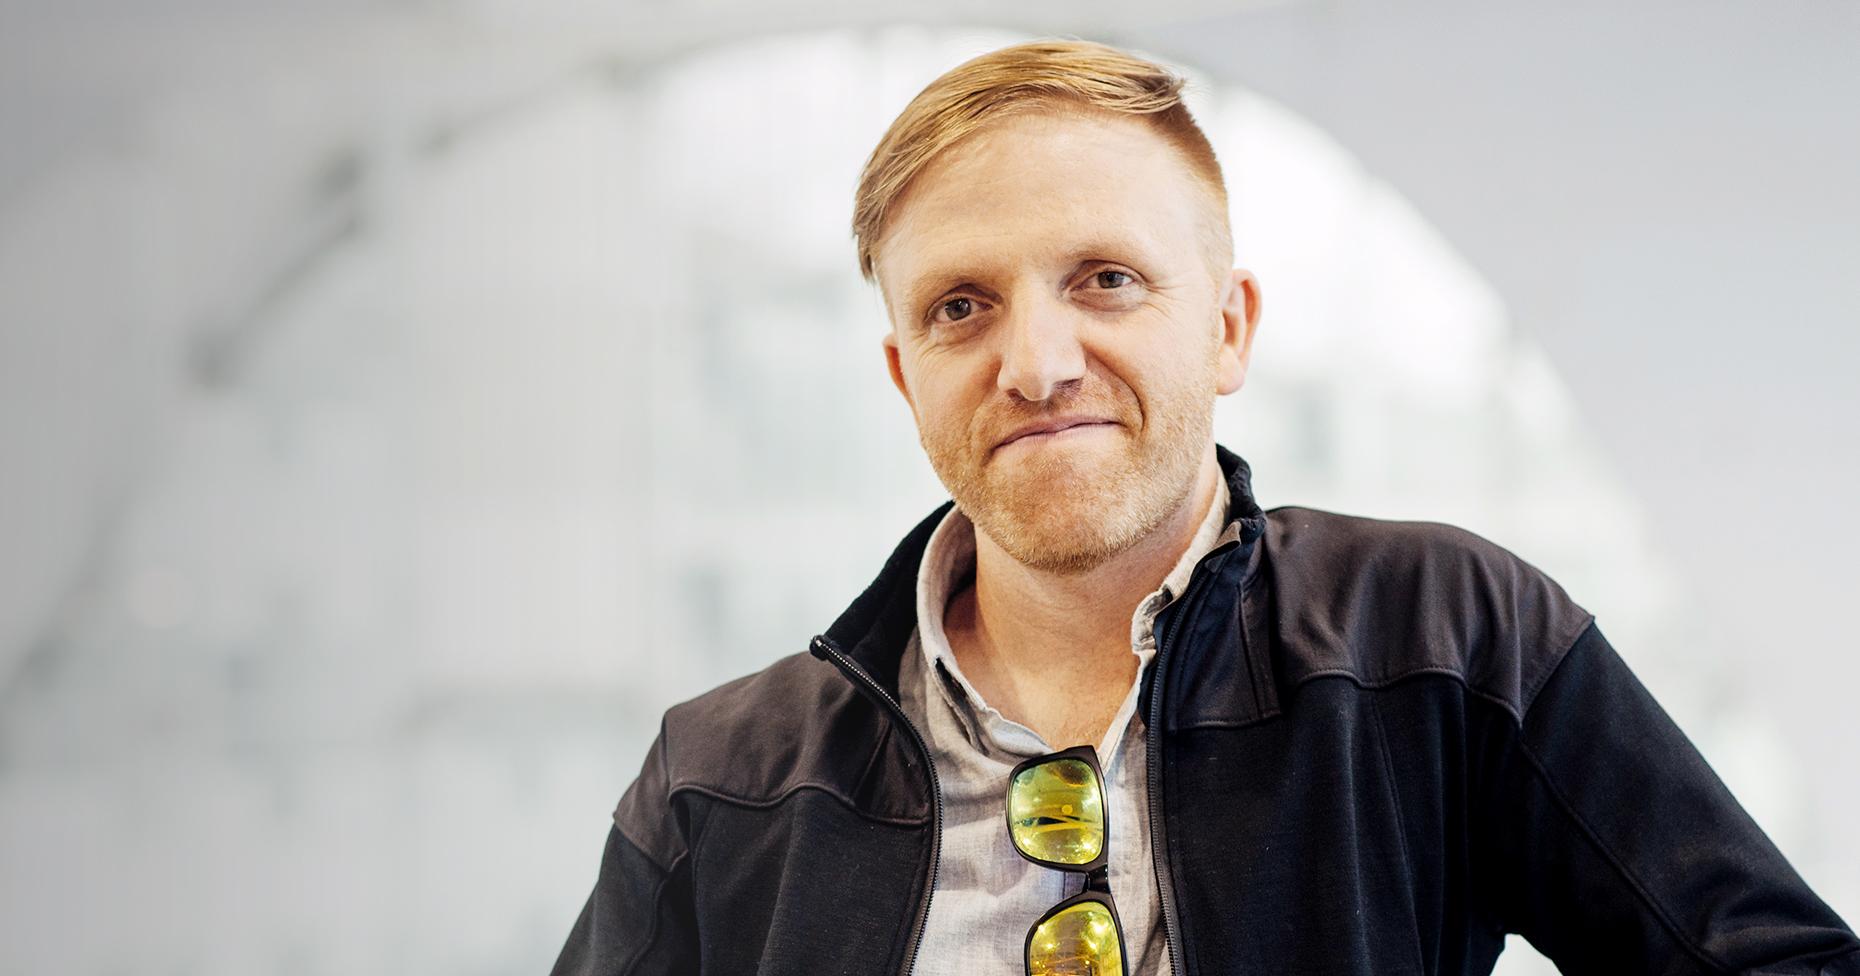 Чарльз Адлер, сооснователь Kickstarter: «Важна не сумма, которую собрал проект, а сколько людей о нем узнает»